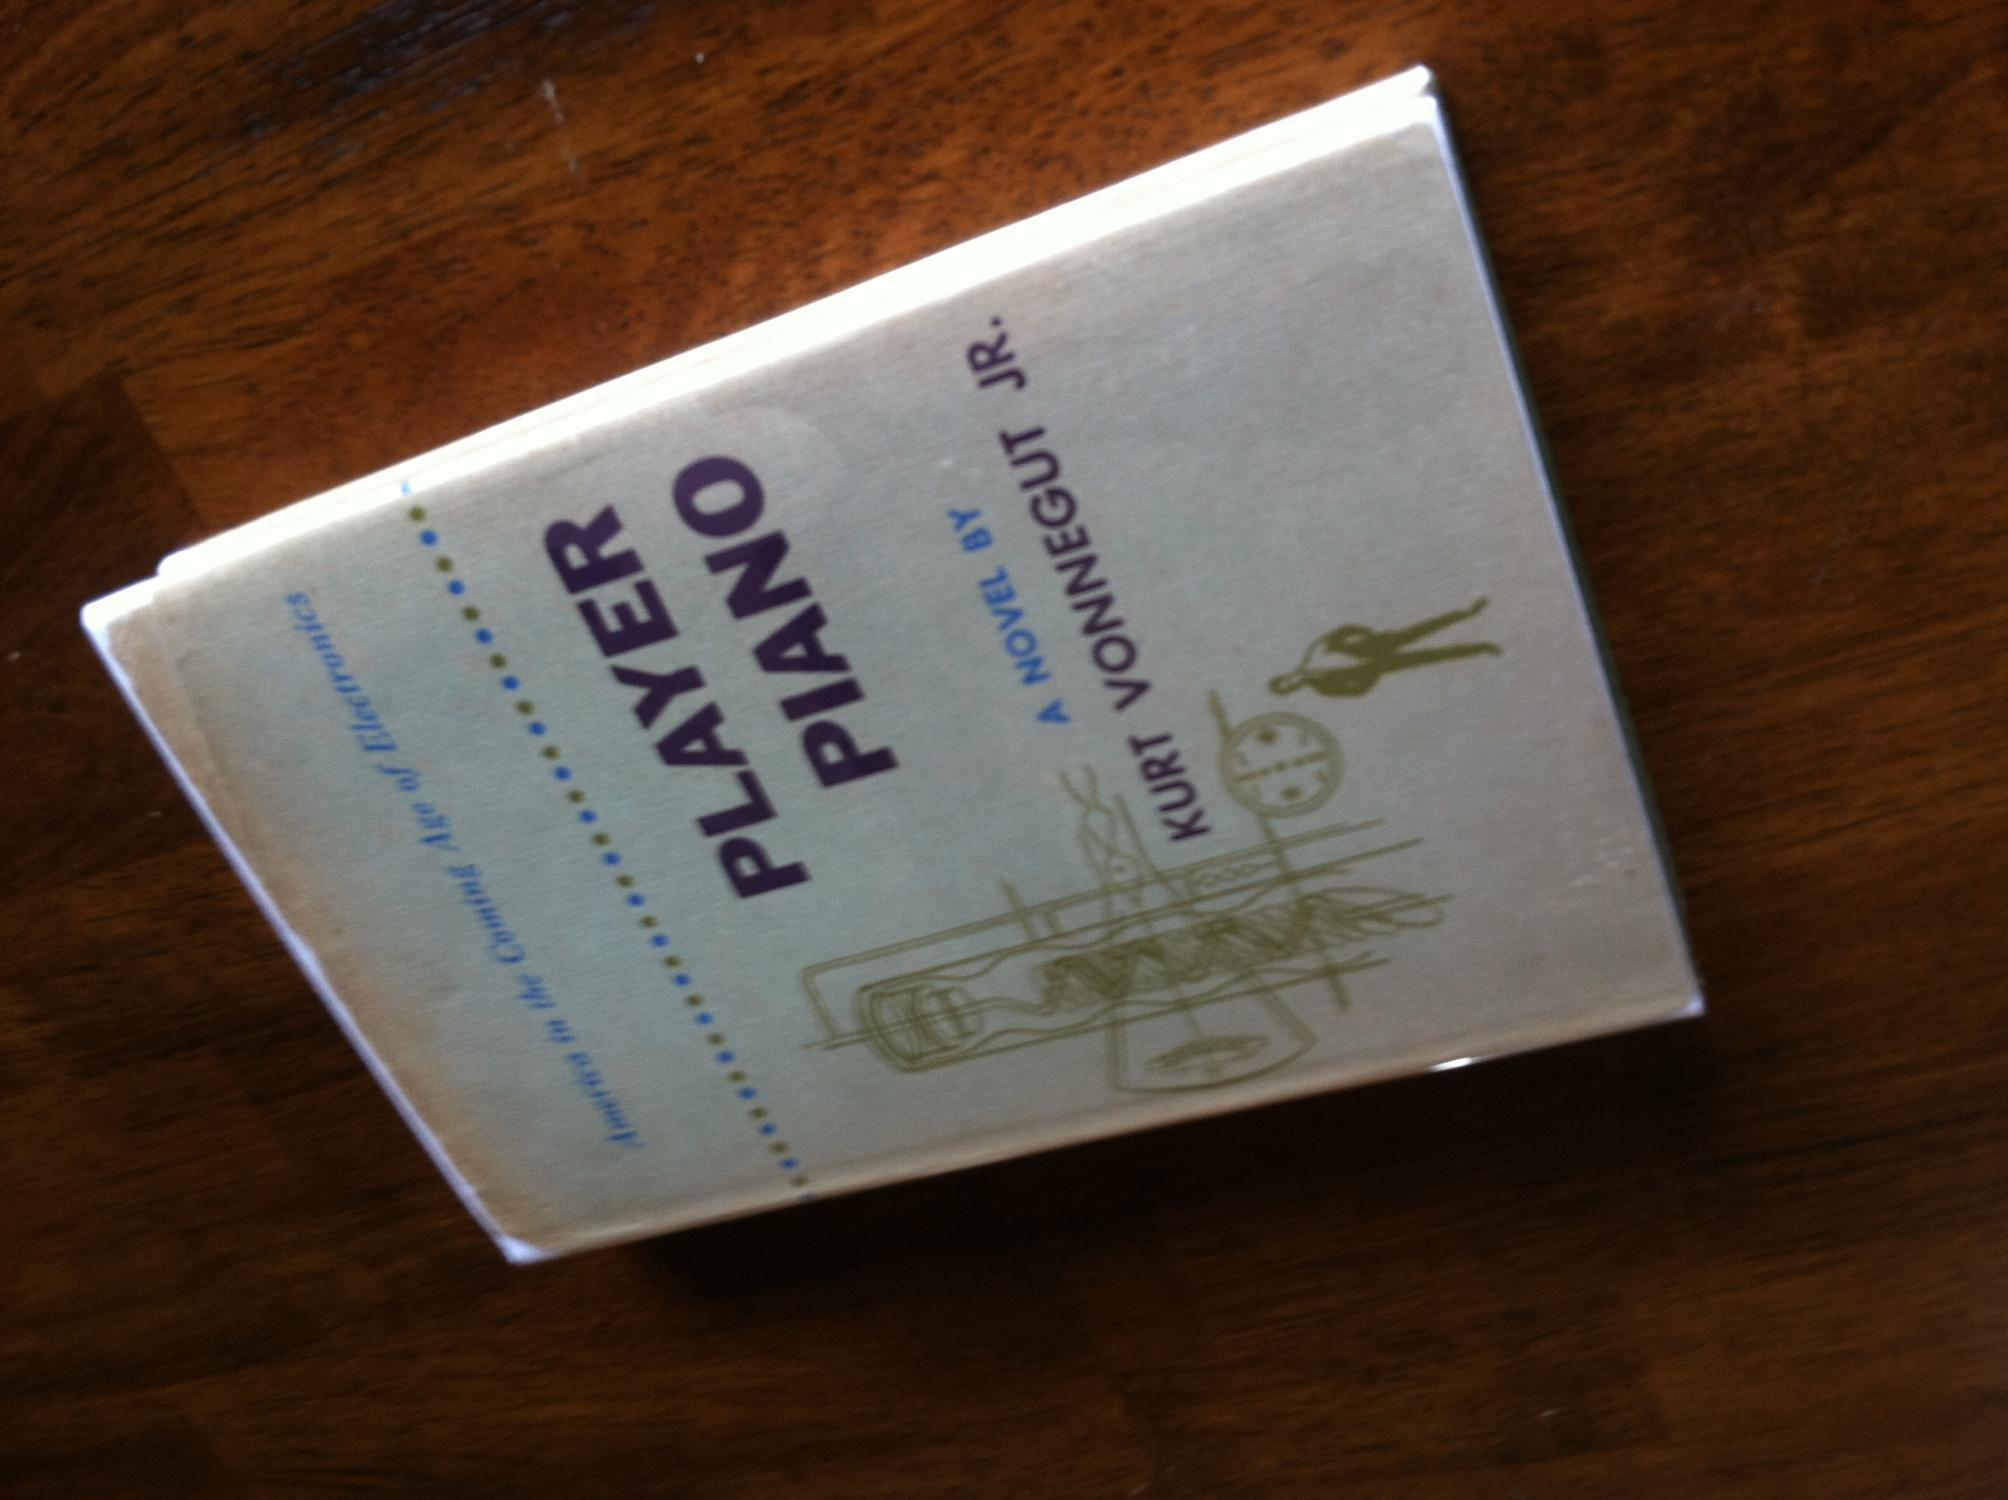 vialibri ~ (1355275)..rare books from 1952